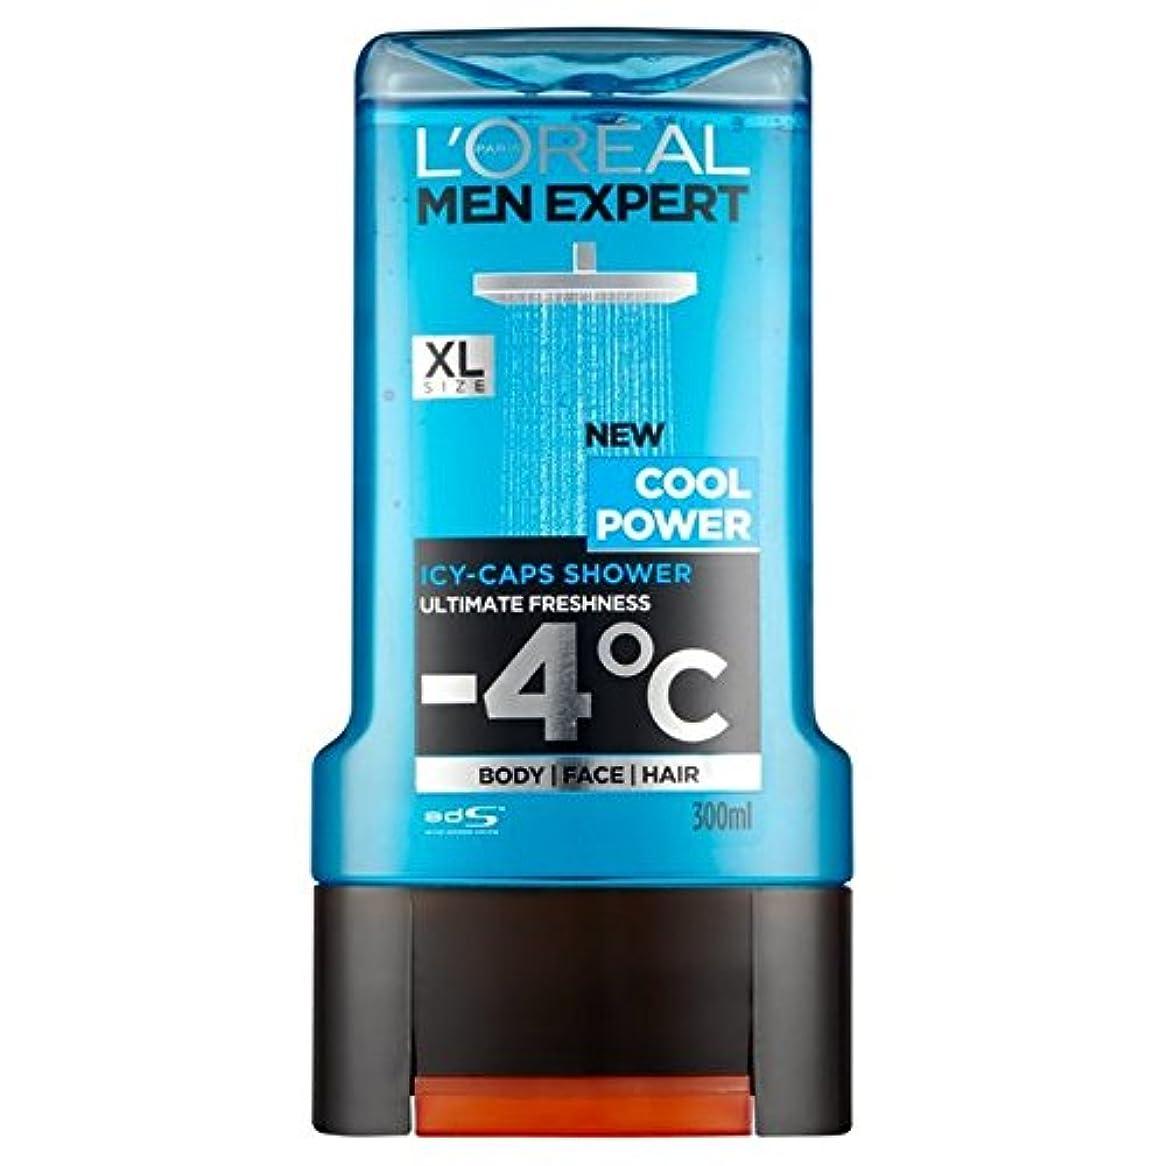 あたたかいインタビュー批判するロレアルパリの男性の専門家のクールなパワーシャワージェル300ミリリットル x4 - L'Oreal Paris Men Expert Cool Power Shower Gel 300ml (Pack of 4) [並行輸入品]